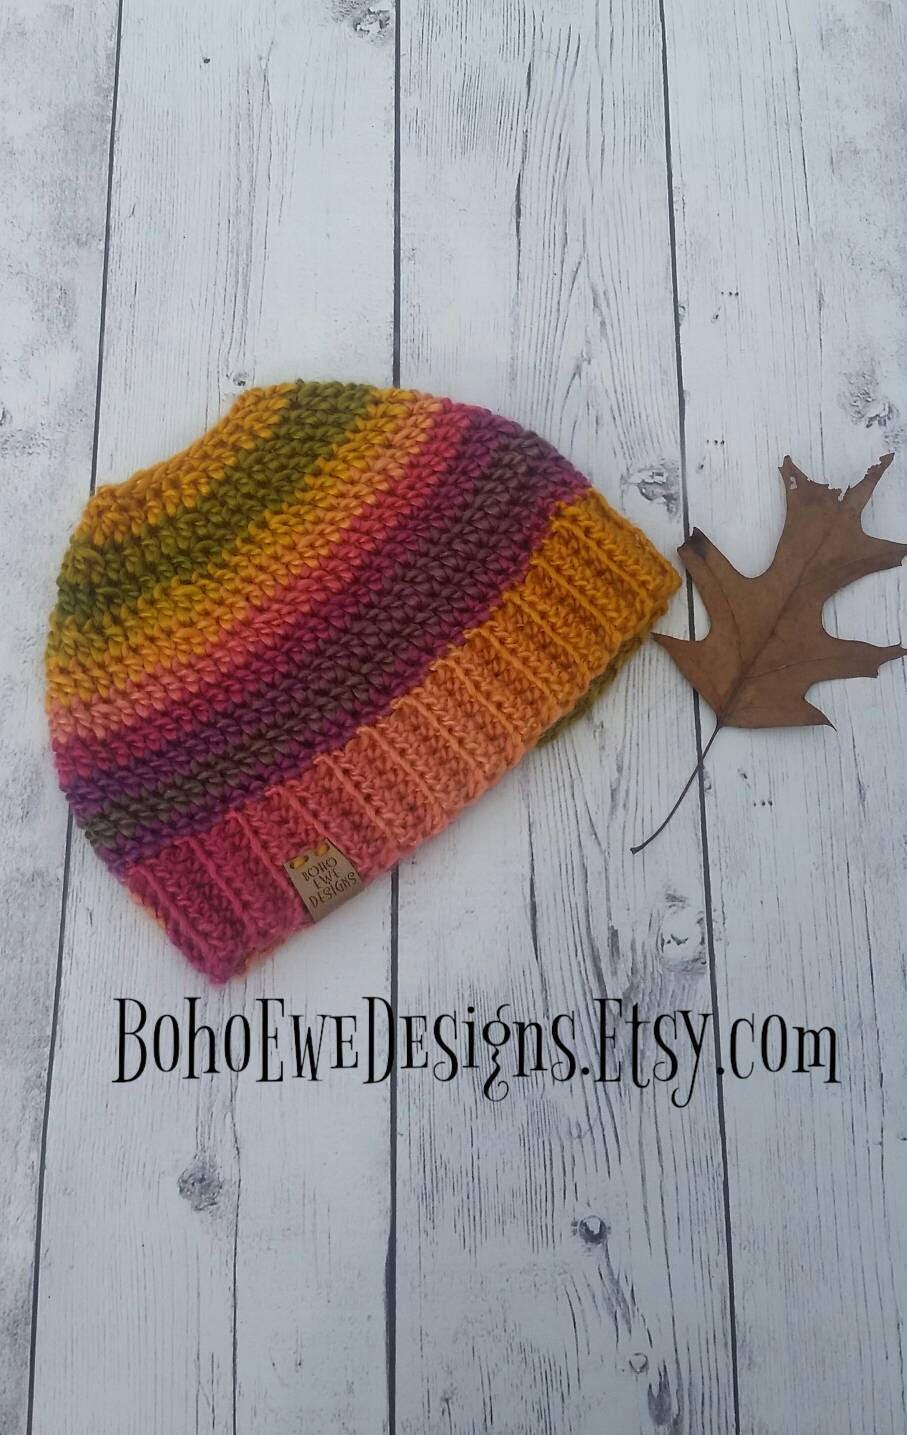 Messy Bun Beanie, Messy Bun Hat, Crochet Winter Beanie, Crochet Toque, Ponytail Hat, Winter Crochet Hat, Gift Under 30, Sale, Coral Pink